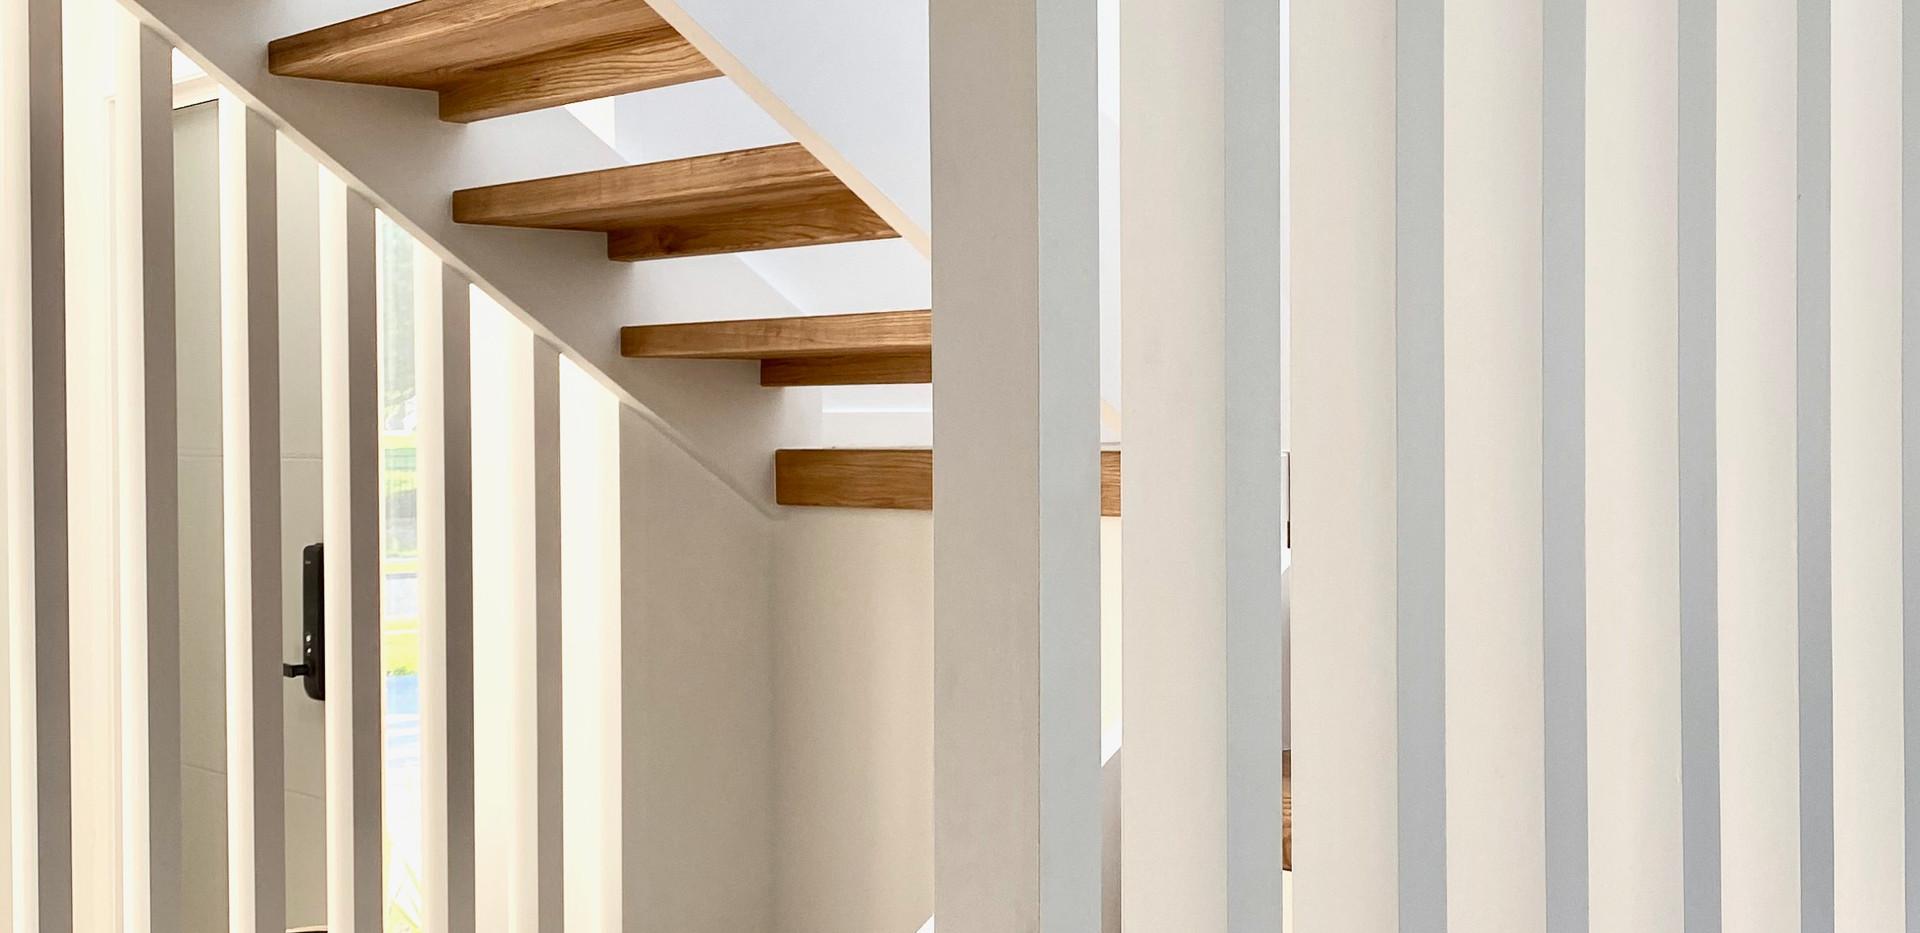 Timber Trim Feature Interior